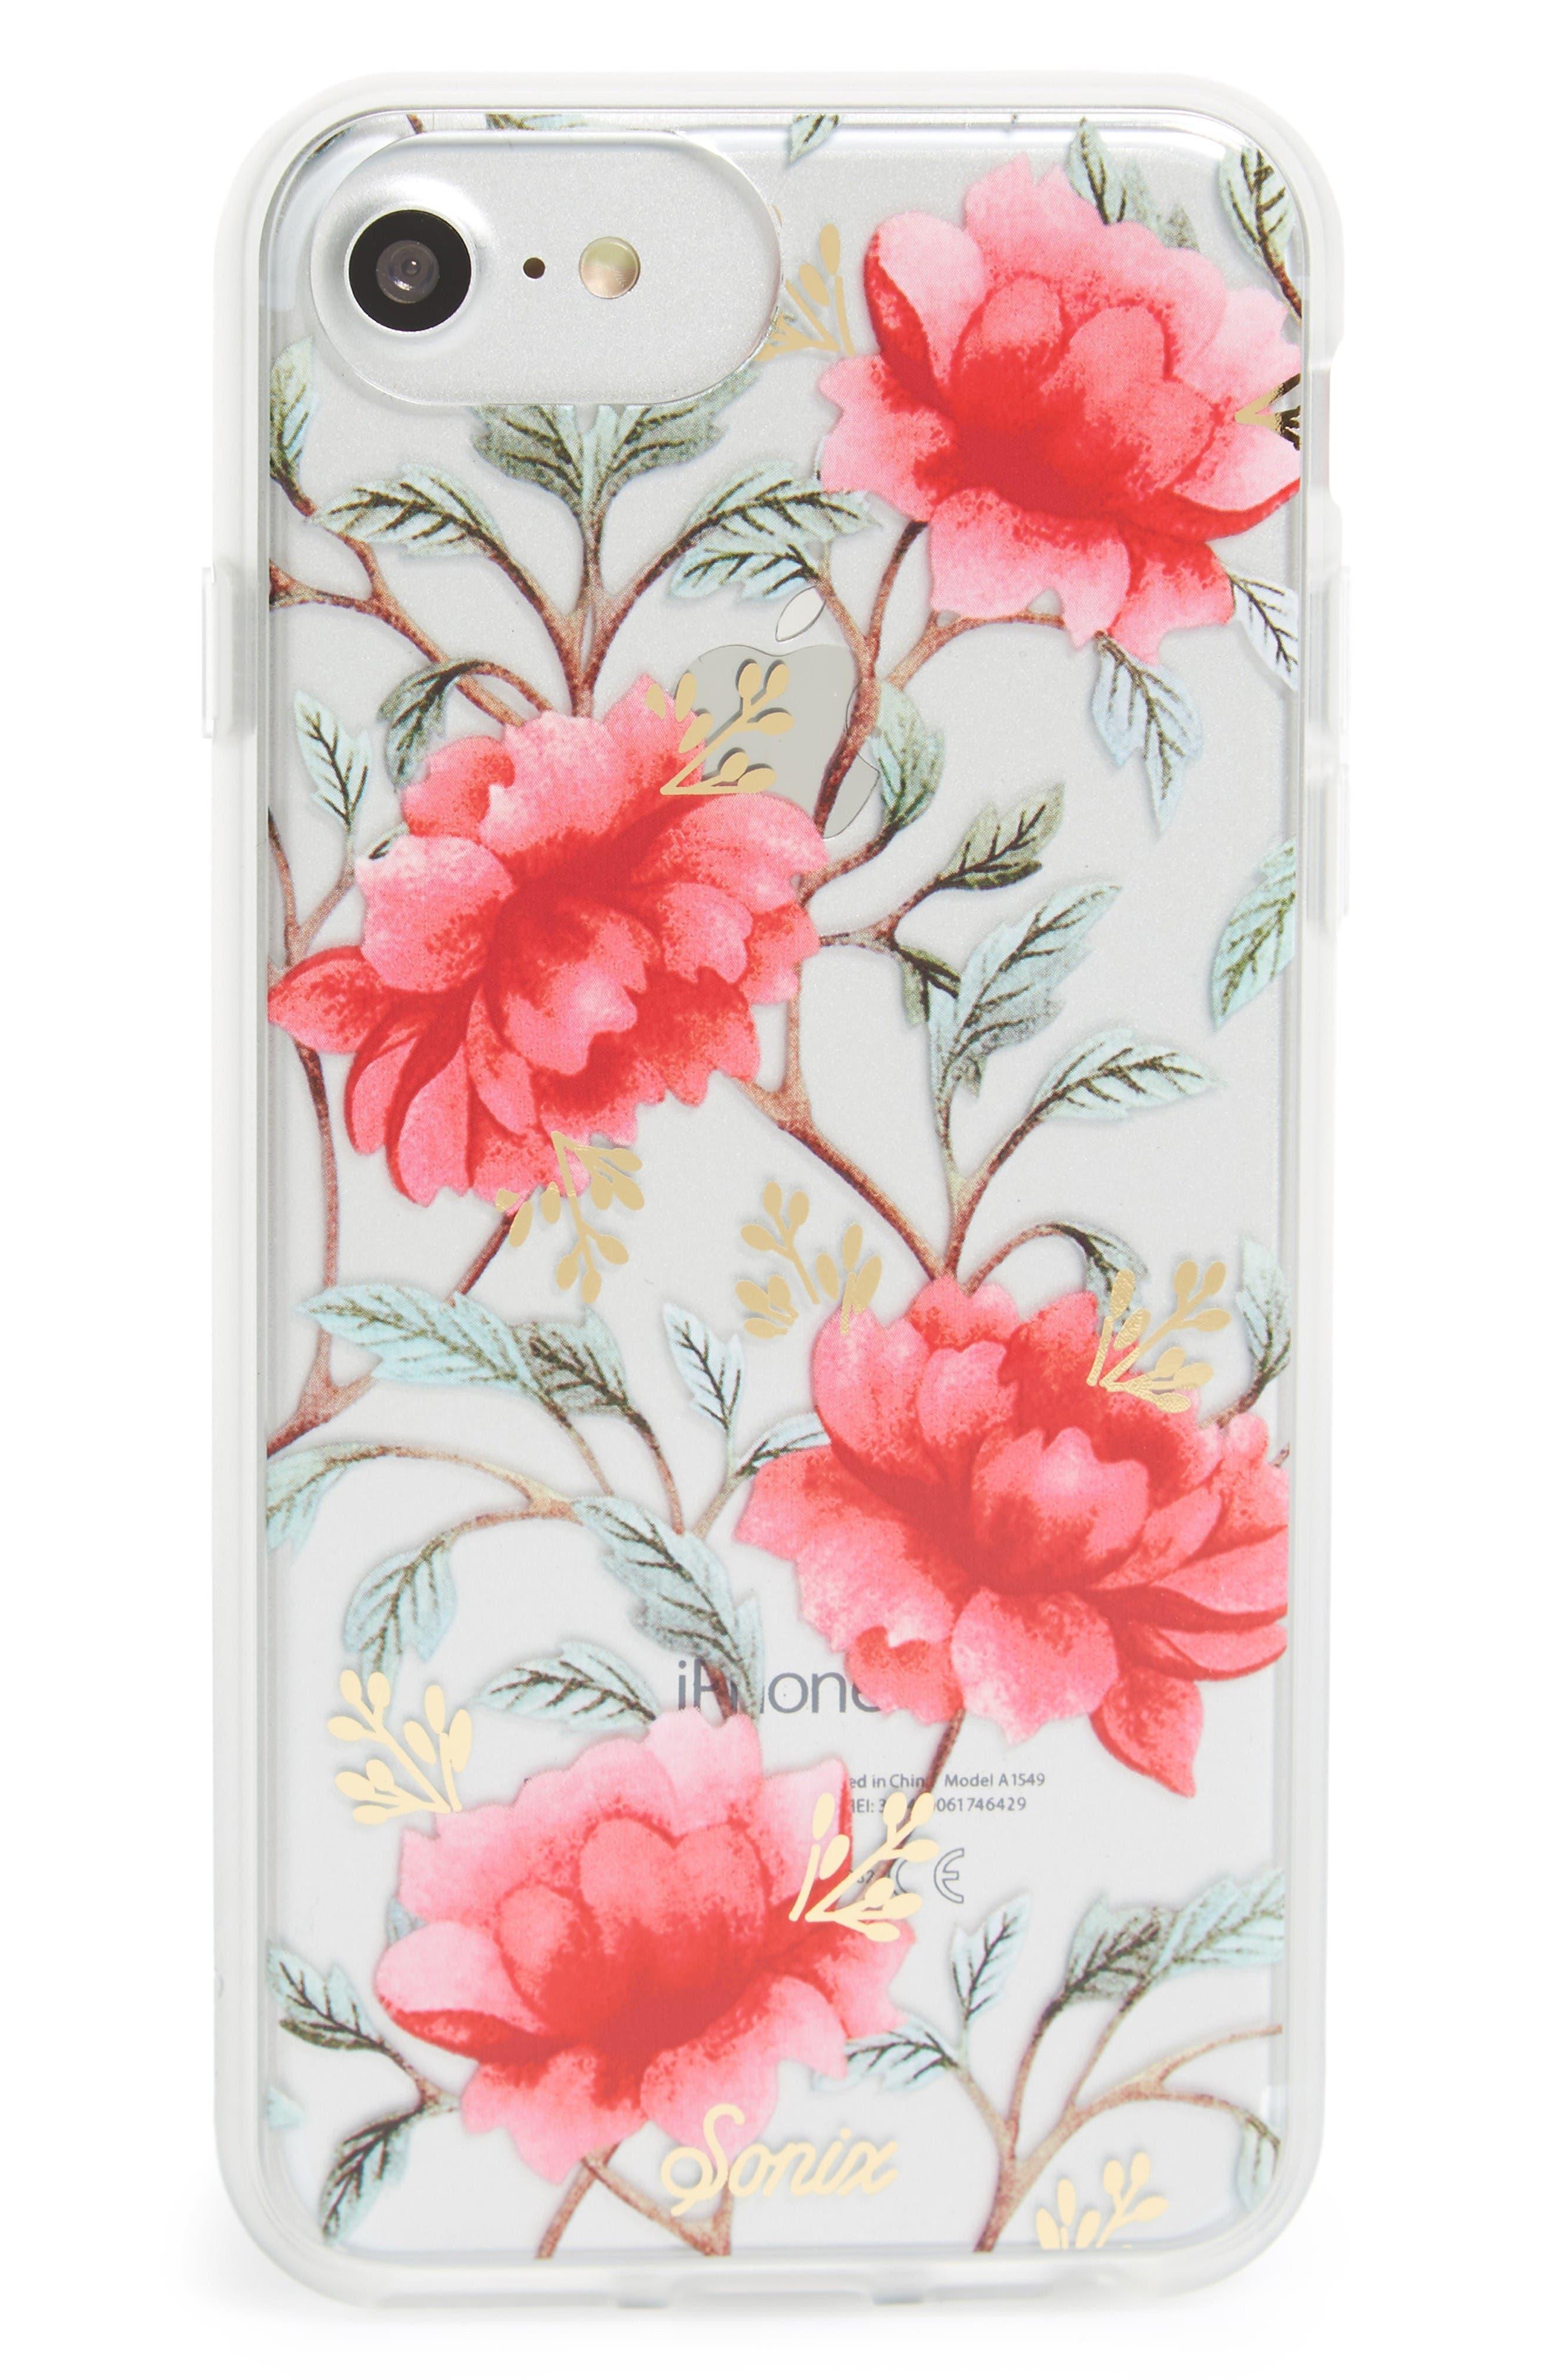 Sonix Mandarine Bloom iPhone 6/6s/7/8 & 6/6s/7/8 Plus Case